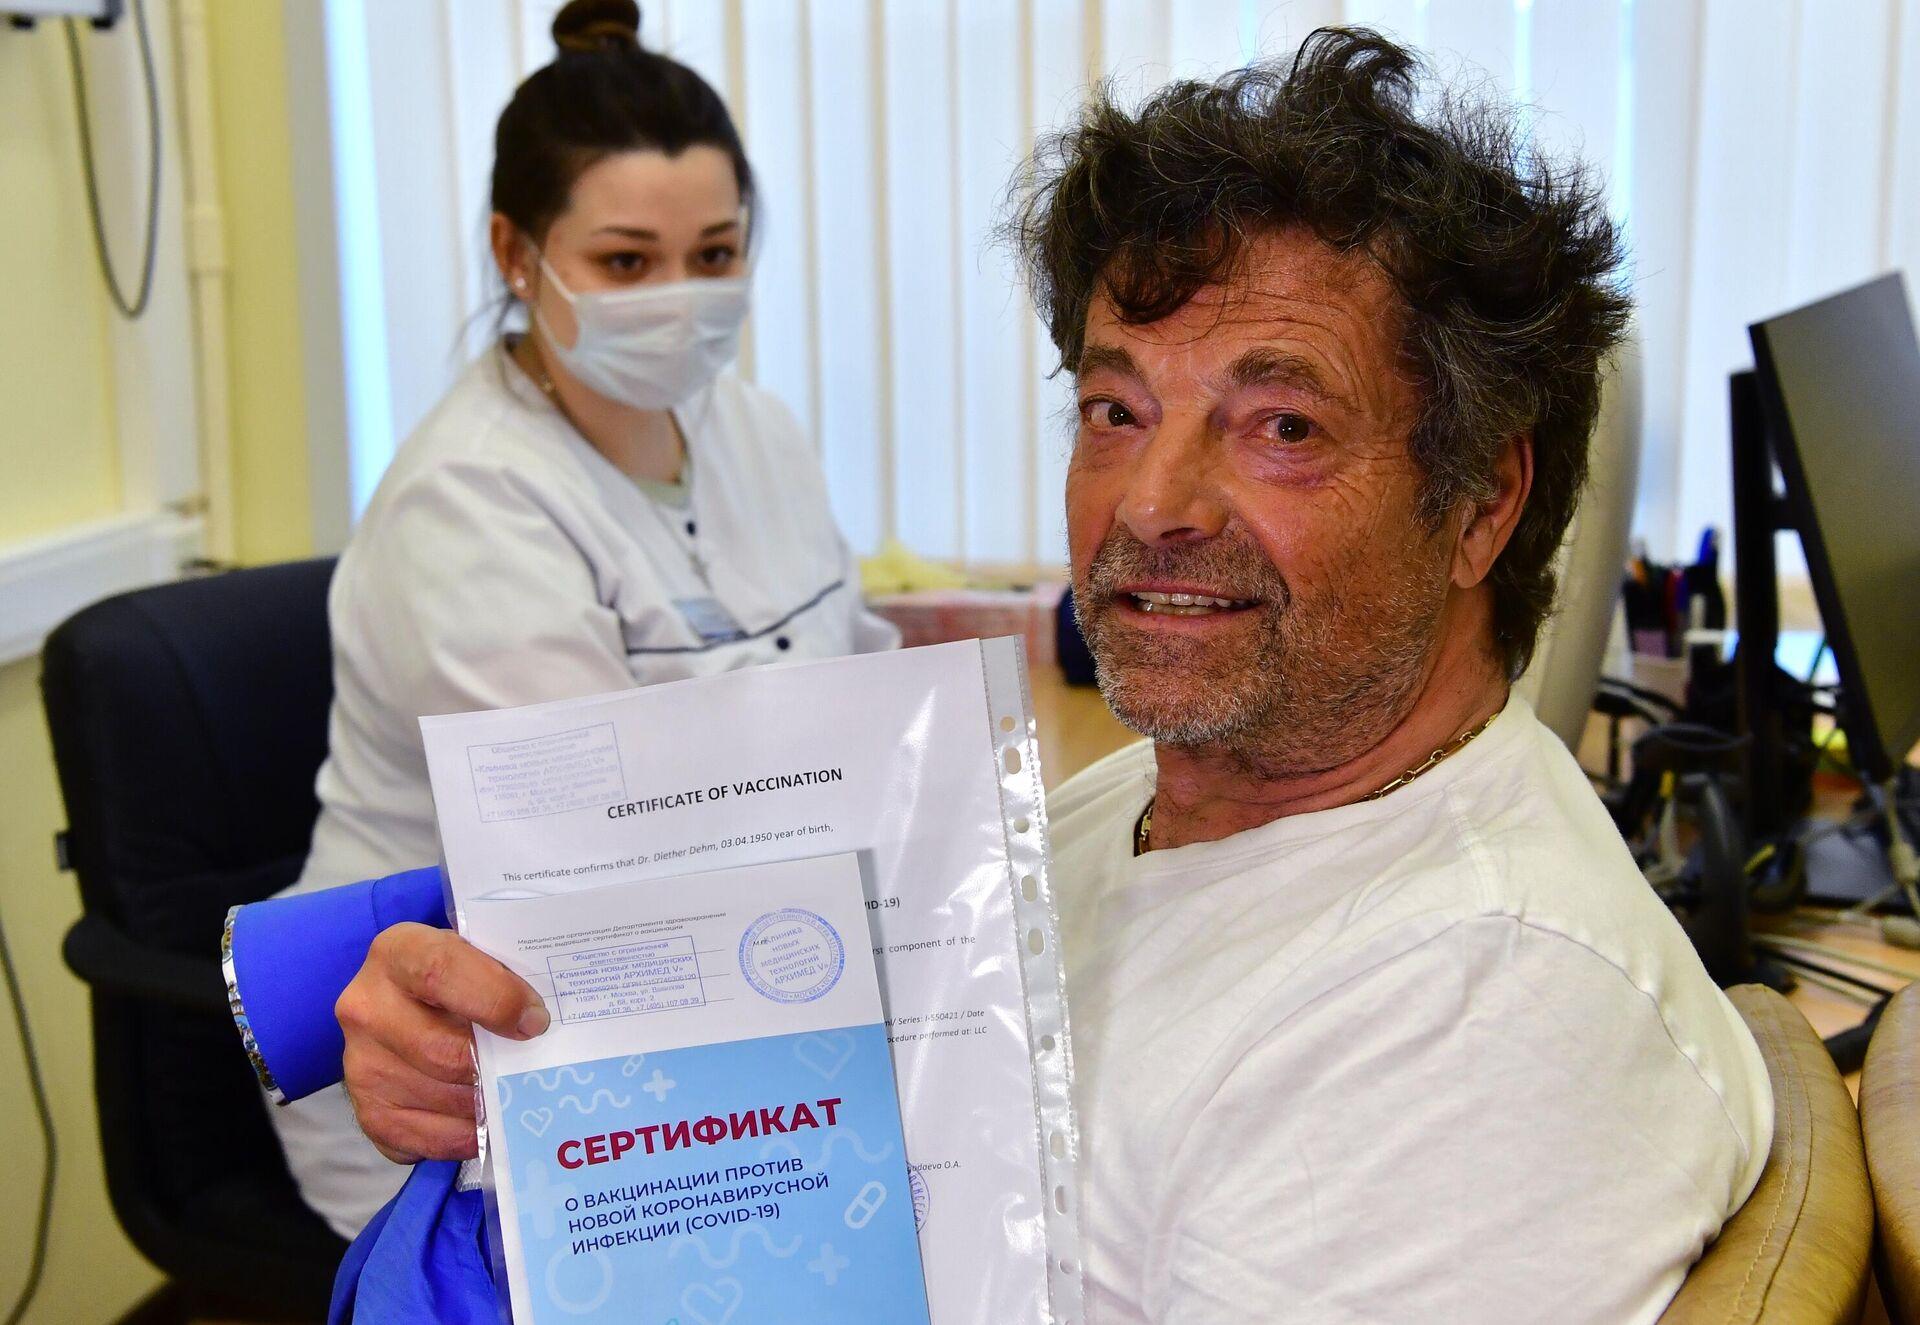 Немецкий депутат Дитер Дэм держит в руке сертификат о прививке против коронавируса после вакцинации от COVID-19 российским препаратом Sputnik V  - РИА Новости, 1920, 10.05.2021